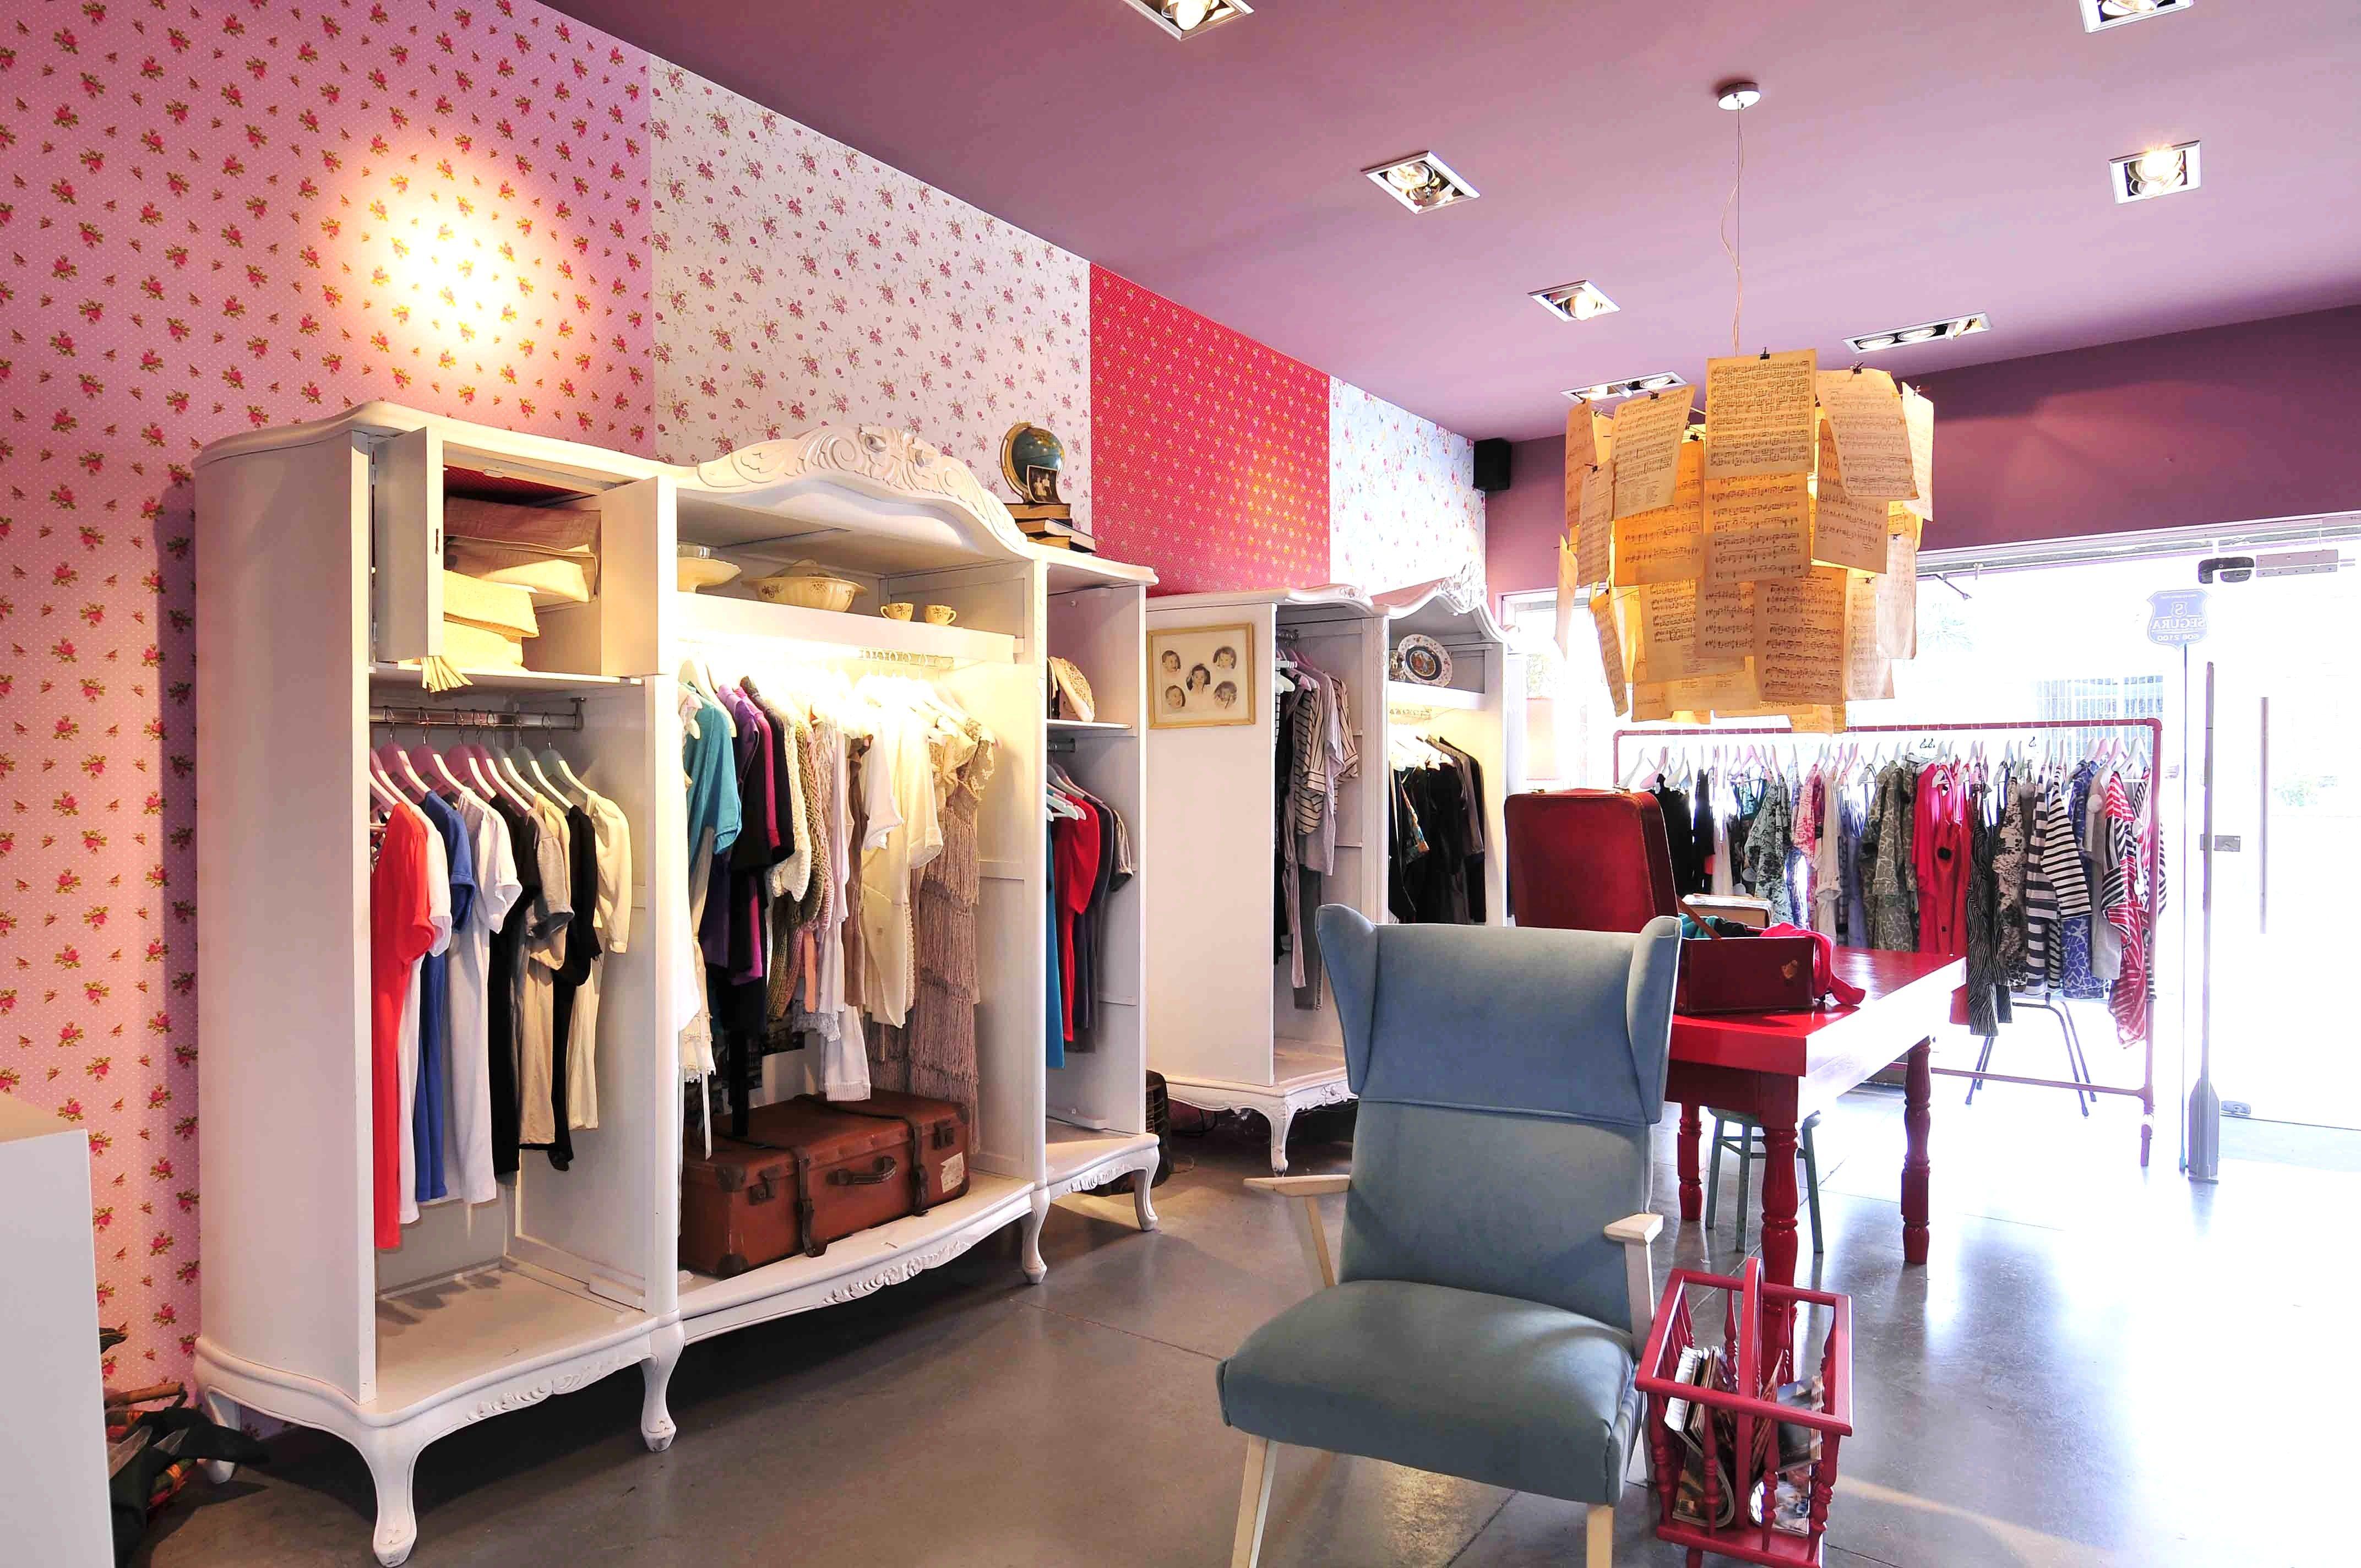 Comercio Tienda Ropa Vintage Boutique Pinterest Boutique  # Muebles Lula Medellin